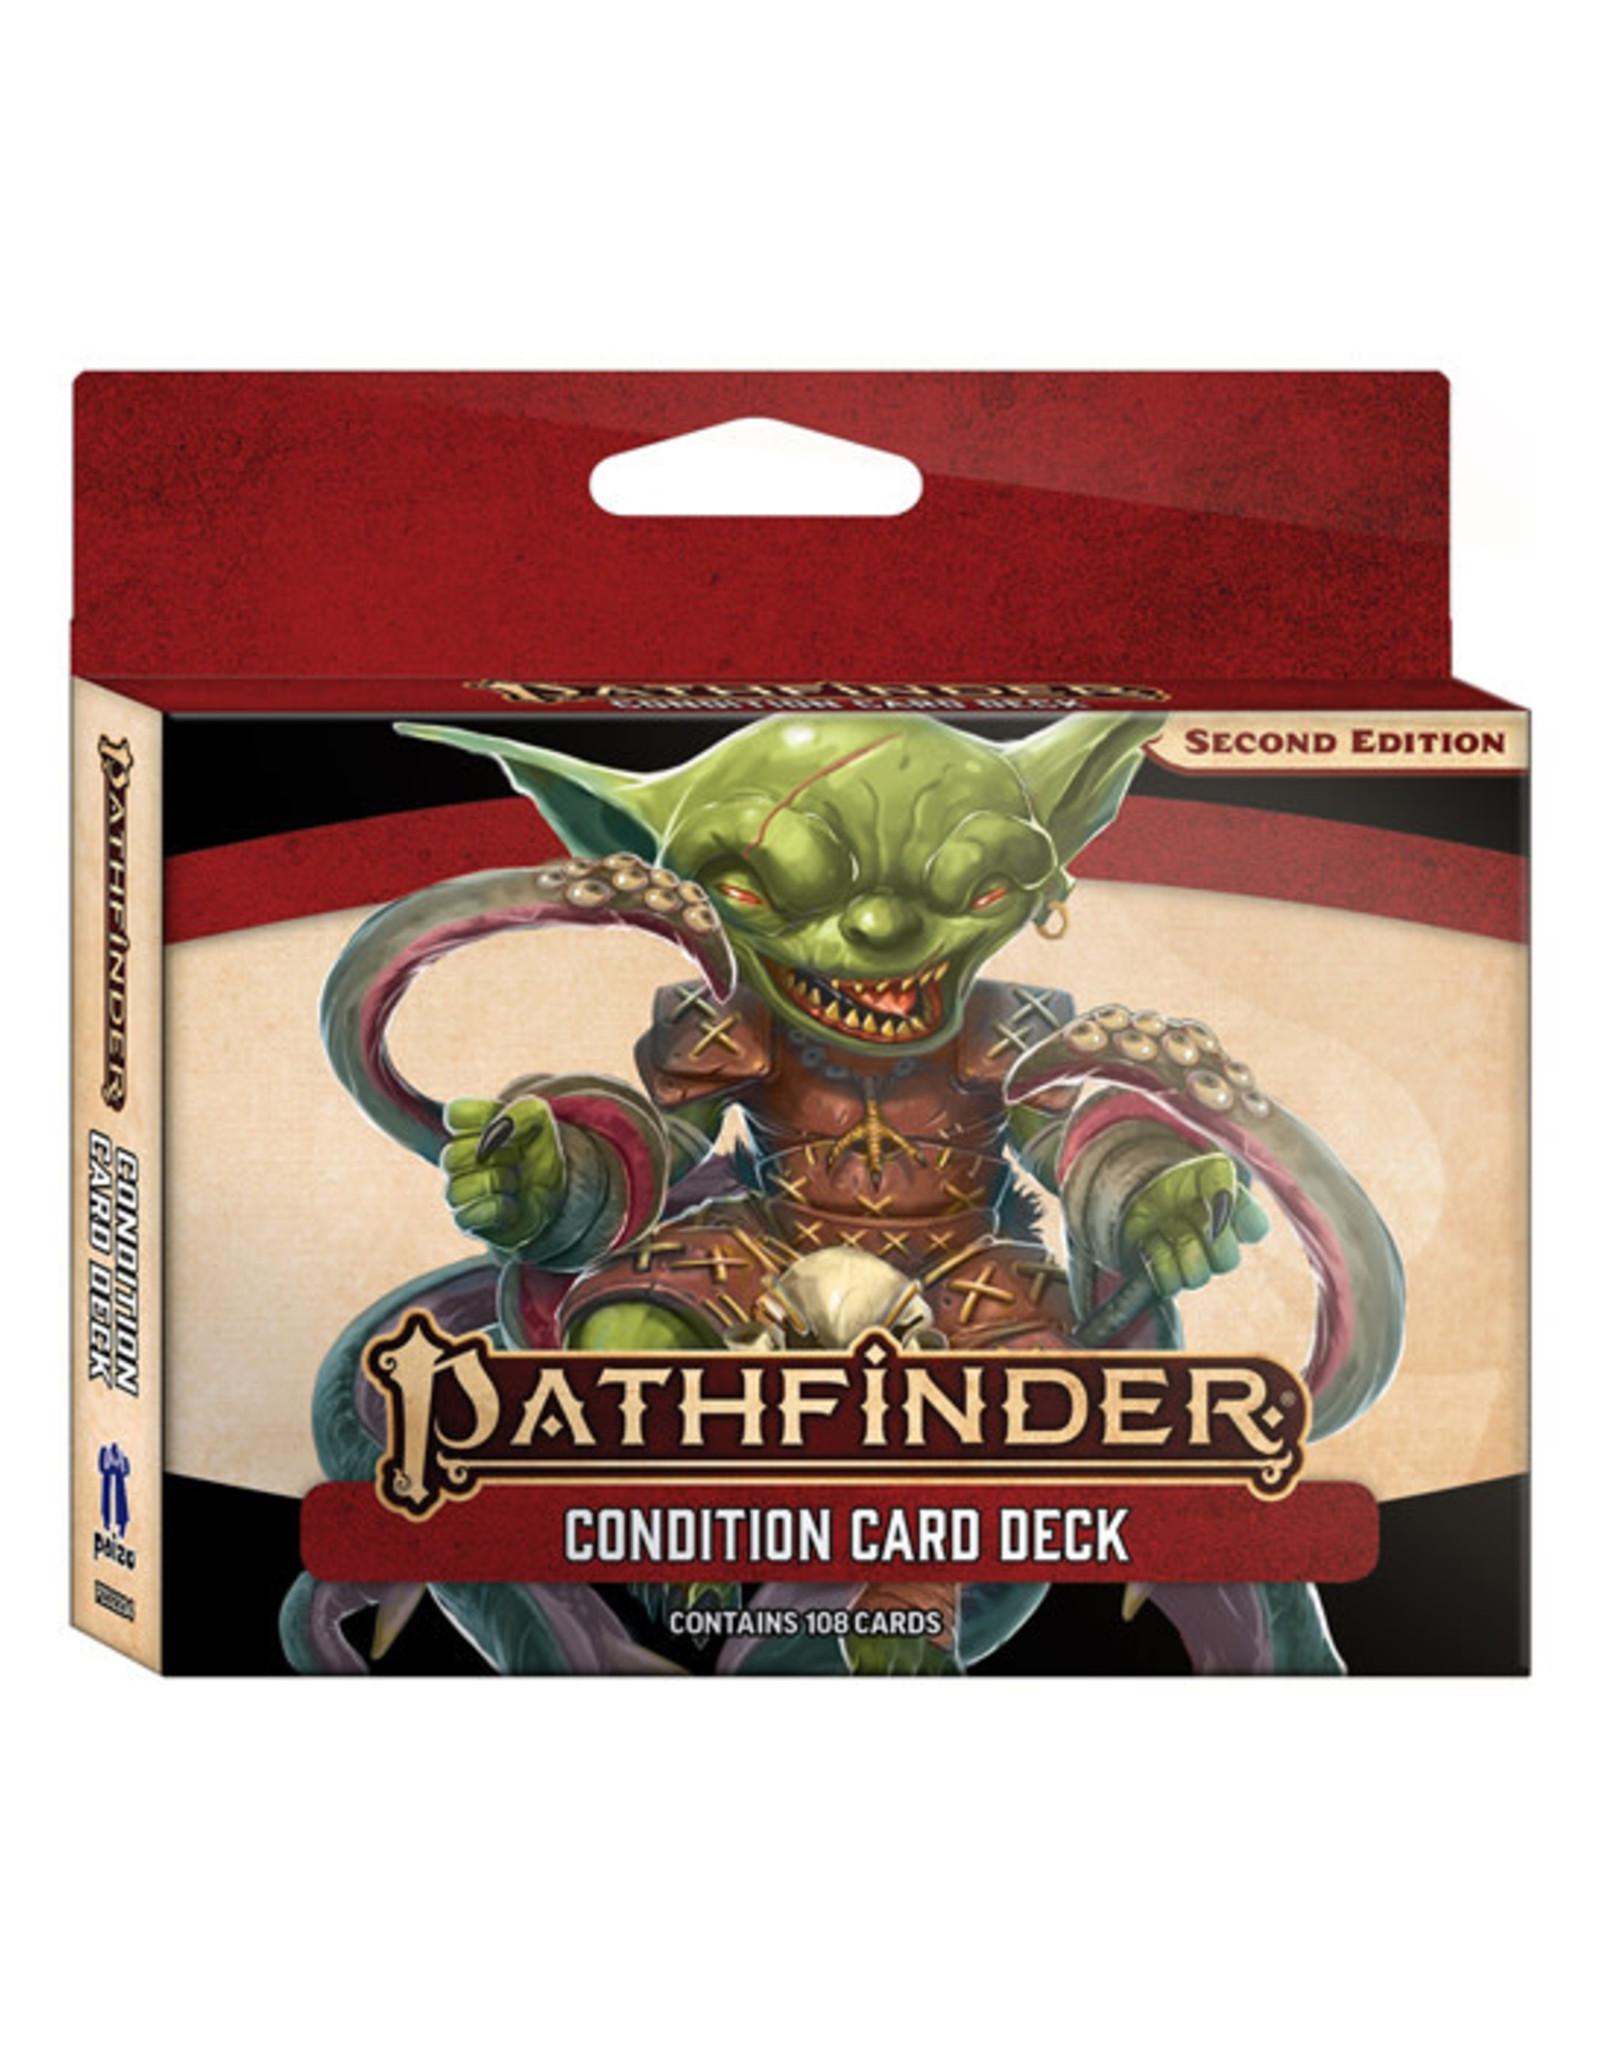 Pathfinder Pathfinder: 2nd Edition - Condition Card Deck